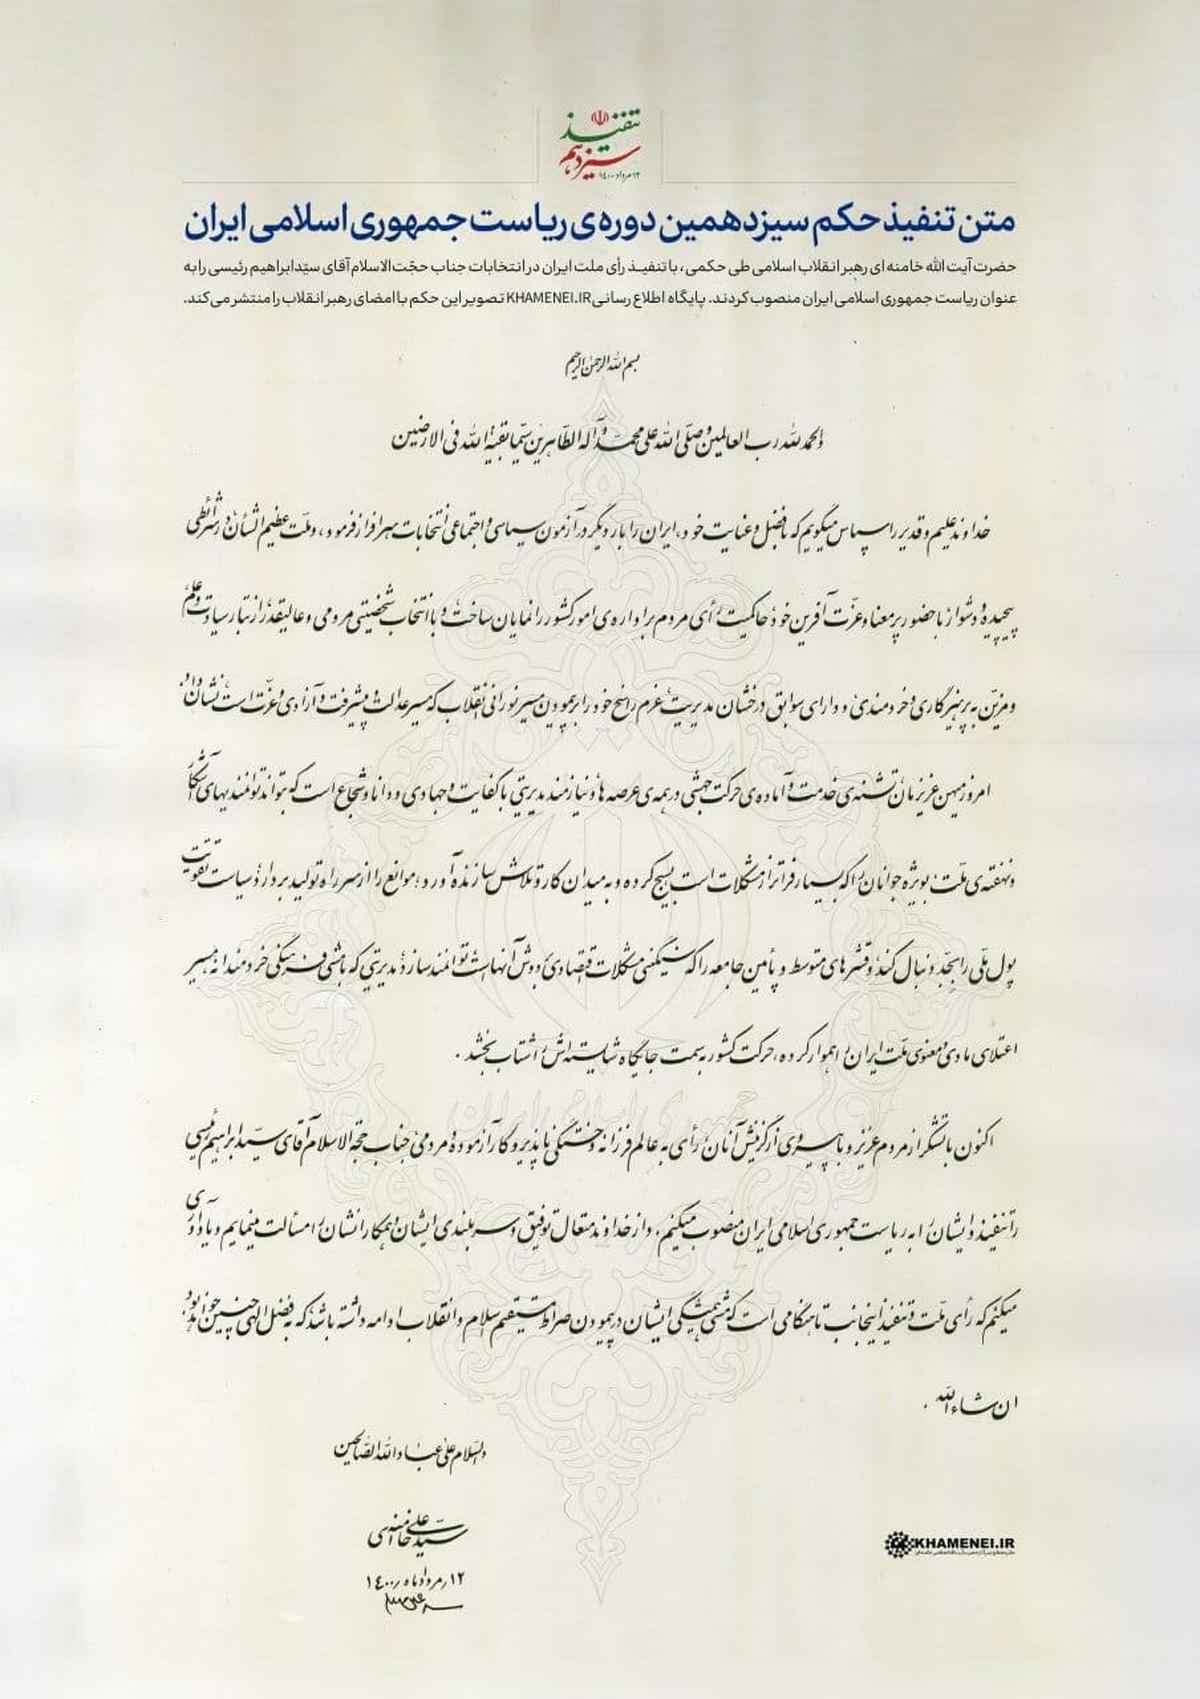 تصویر حکم تنفیذ سیزدهمین دوره ریاست جمهوری اسلامی ایران